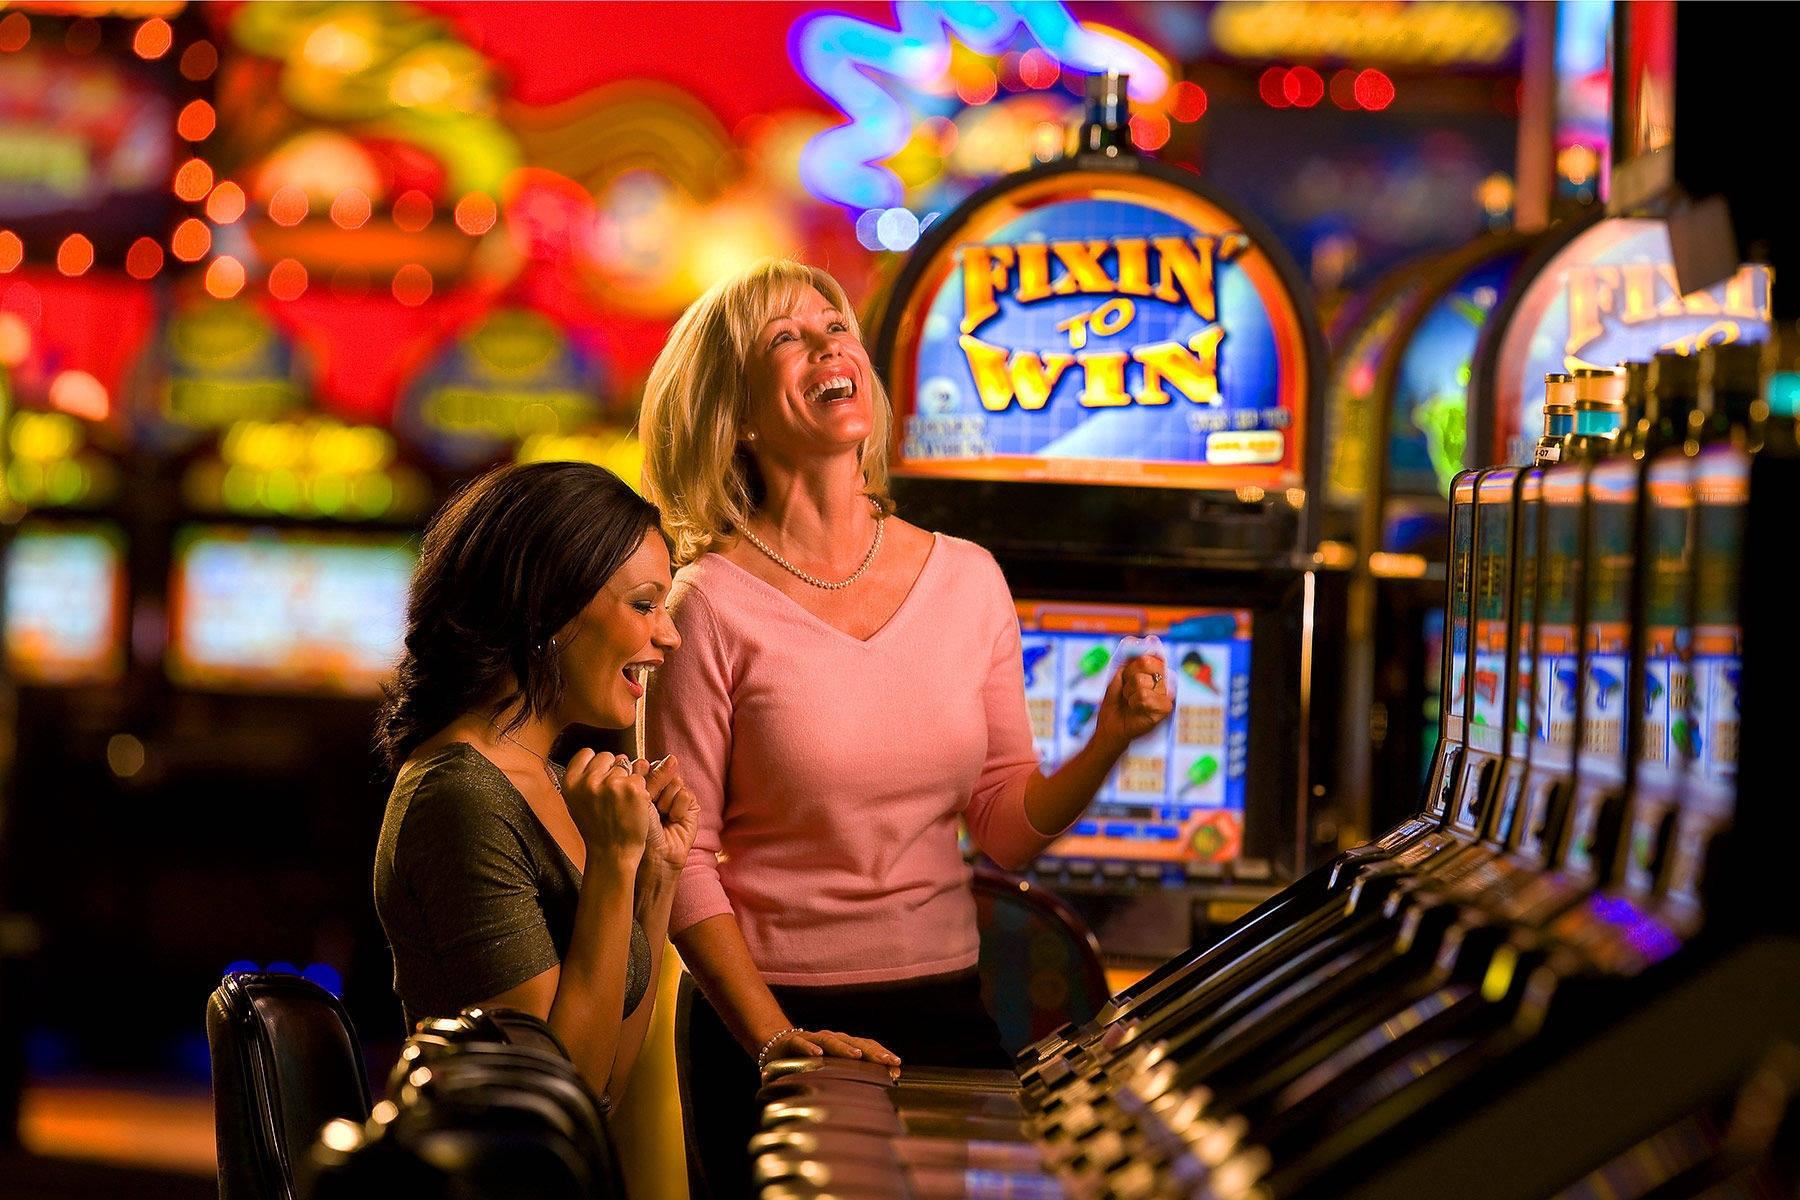 Мифы про игровые автоматы общение онлайн в видеочате рулетка